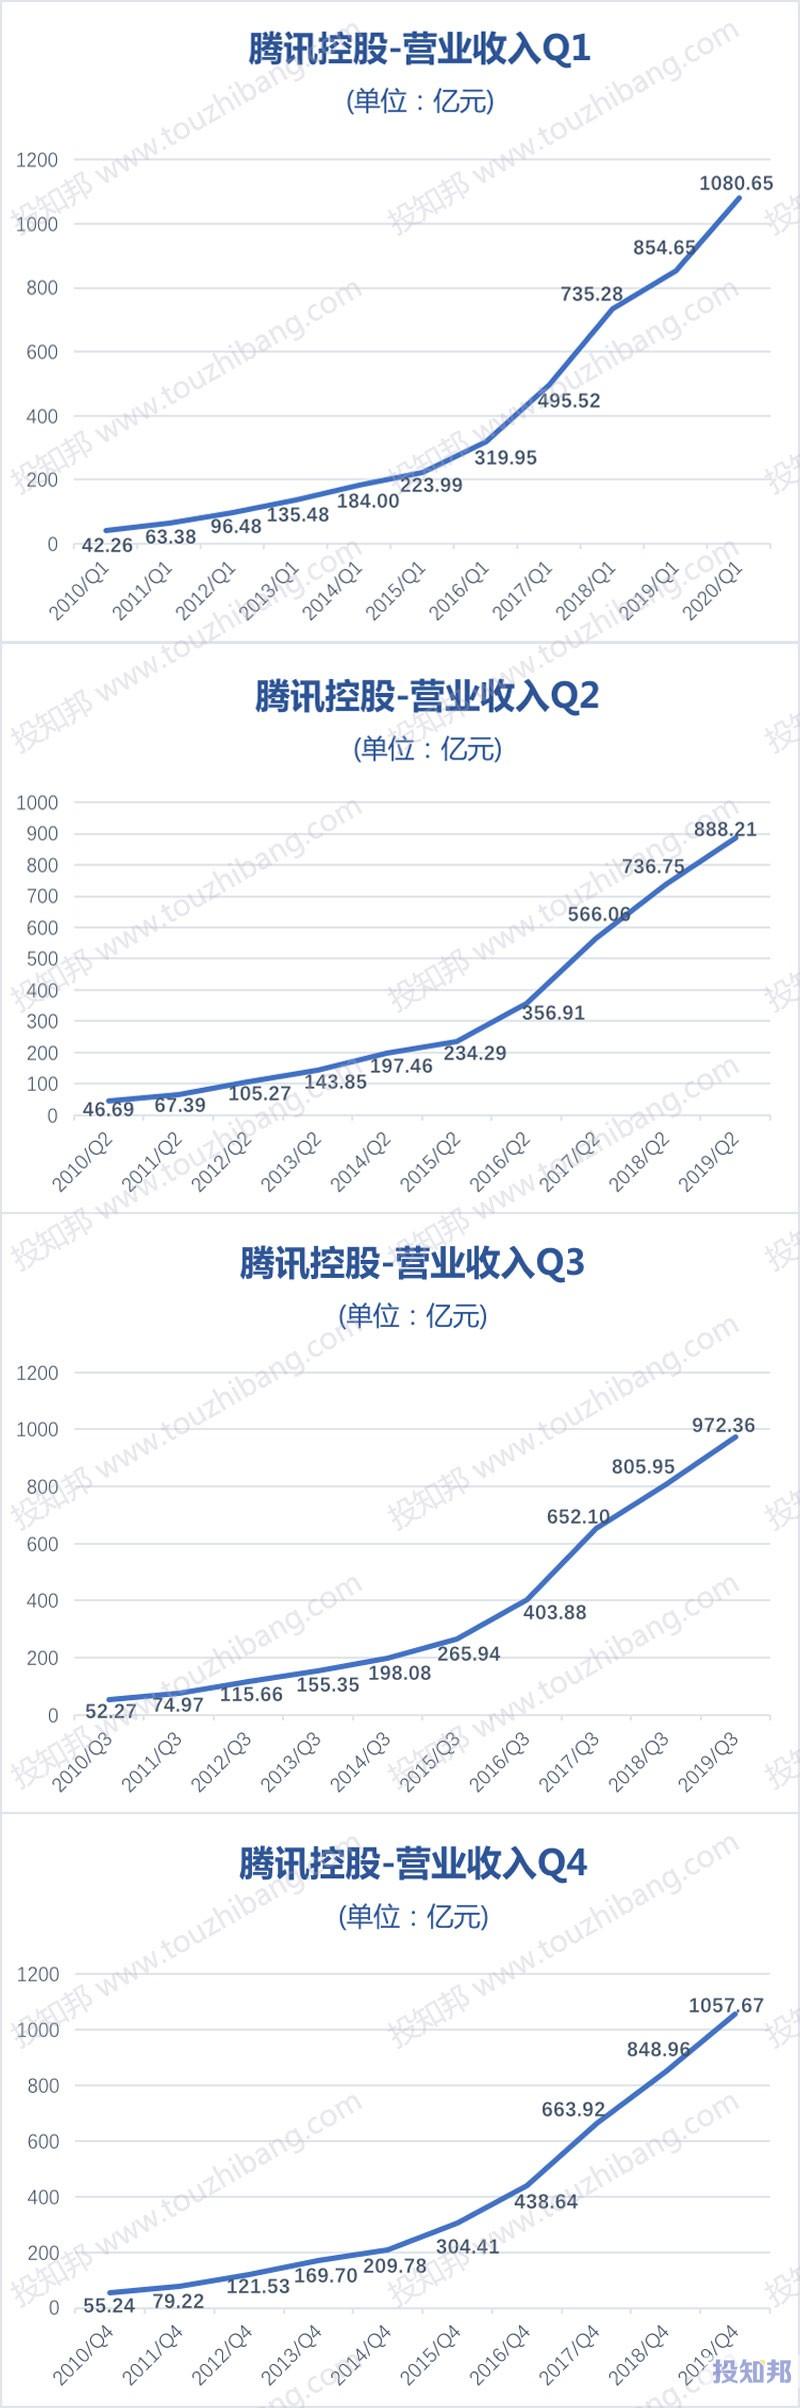 图解腾讯控股(HK0700)财报数据(2010年~2020年Q1,更新)